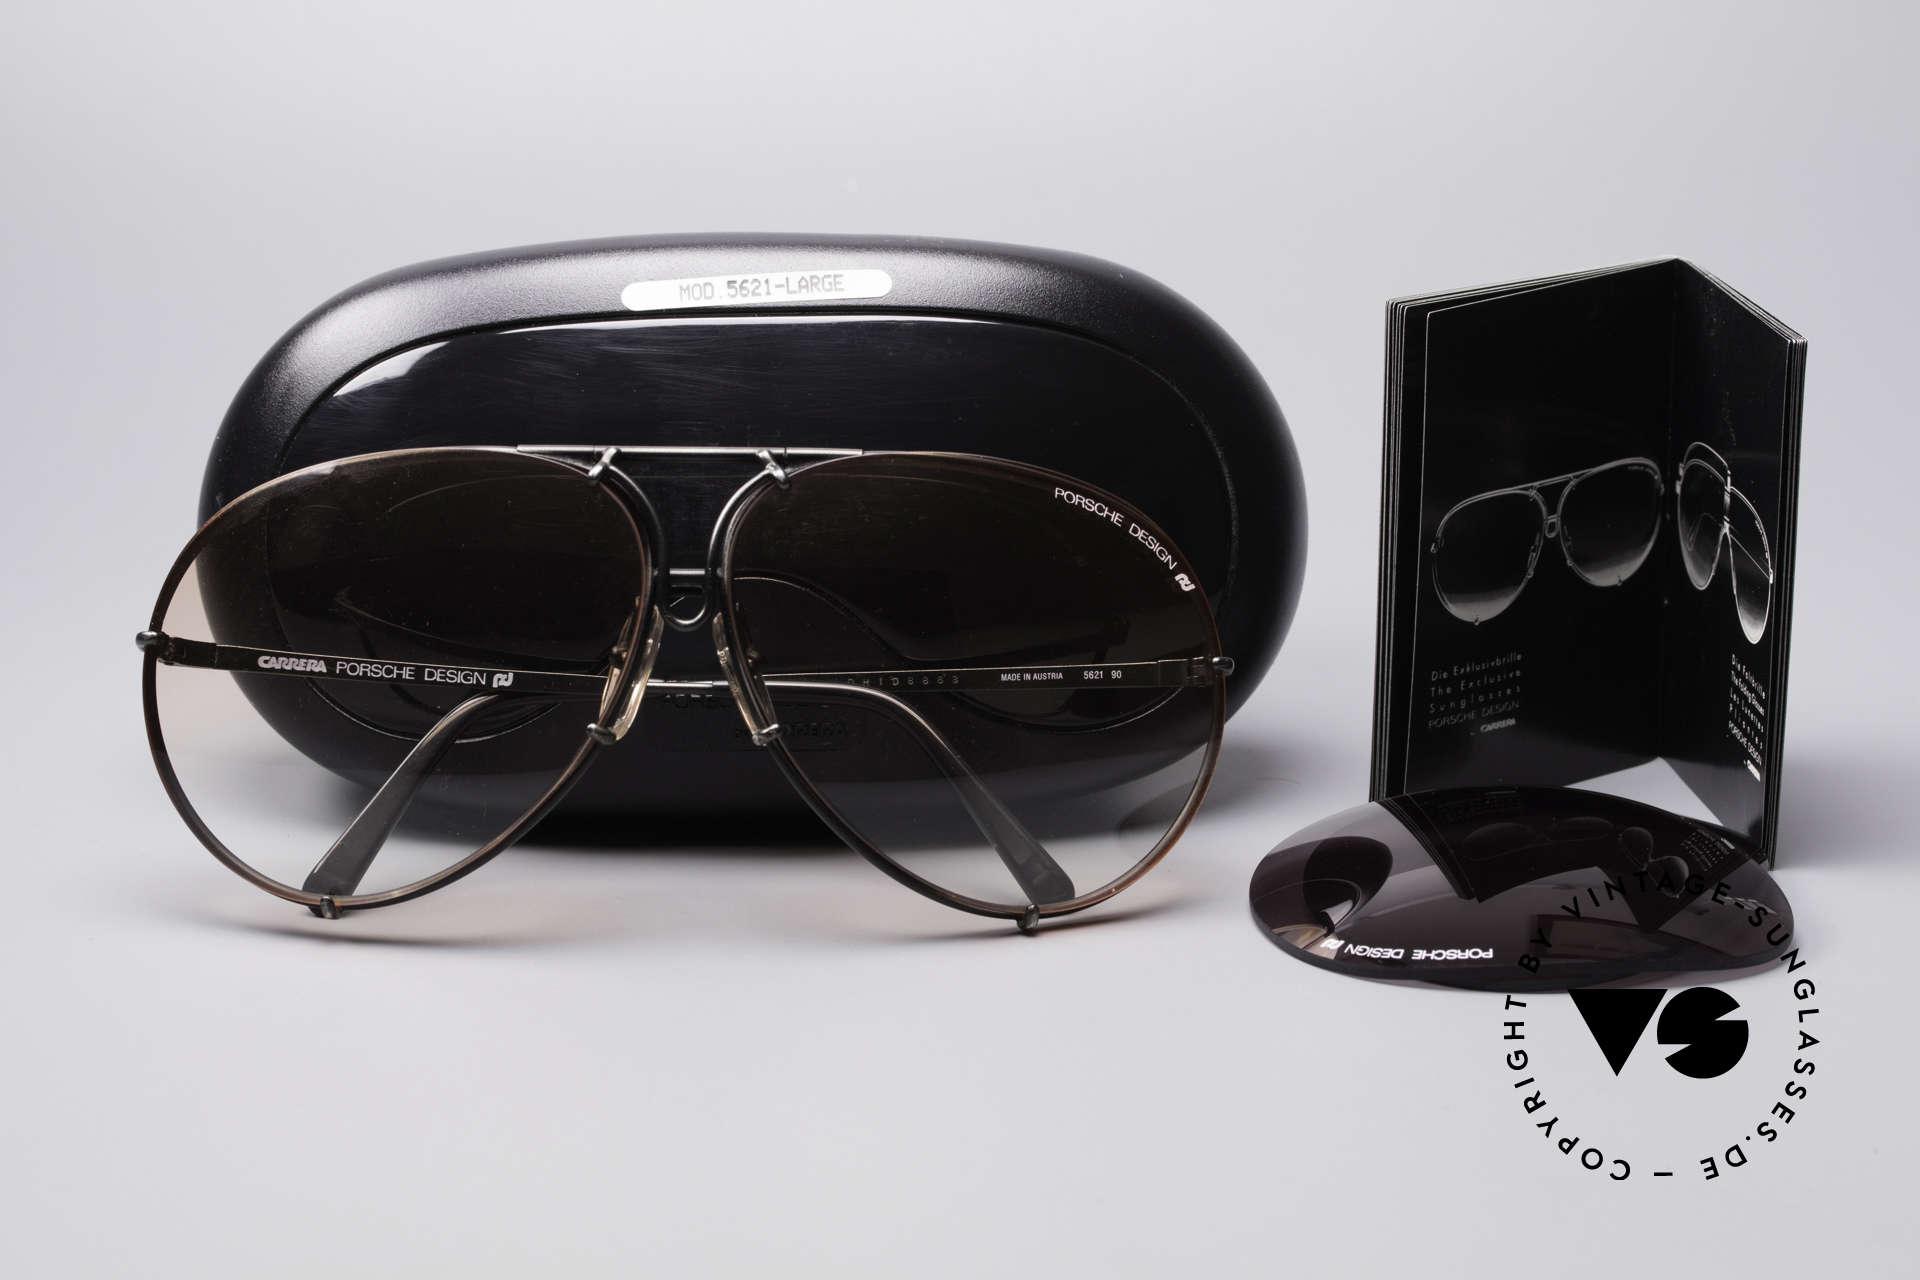 Porsche 5621 Seltene 80er XL Pilotenbrille, extrem seltenes Modell: Gläser in ORANGE-Verlauf, Passend für Herren